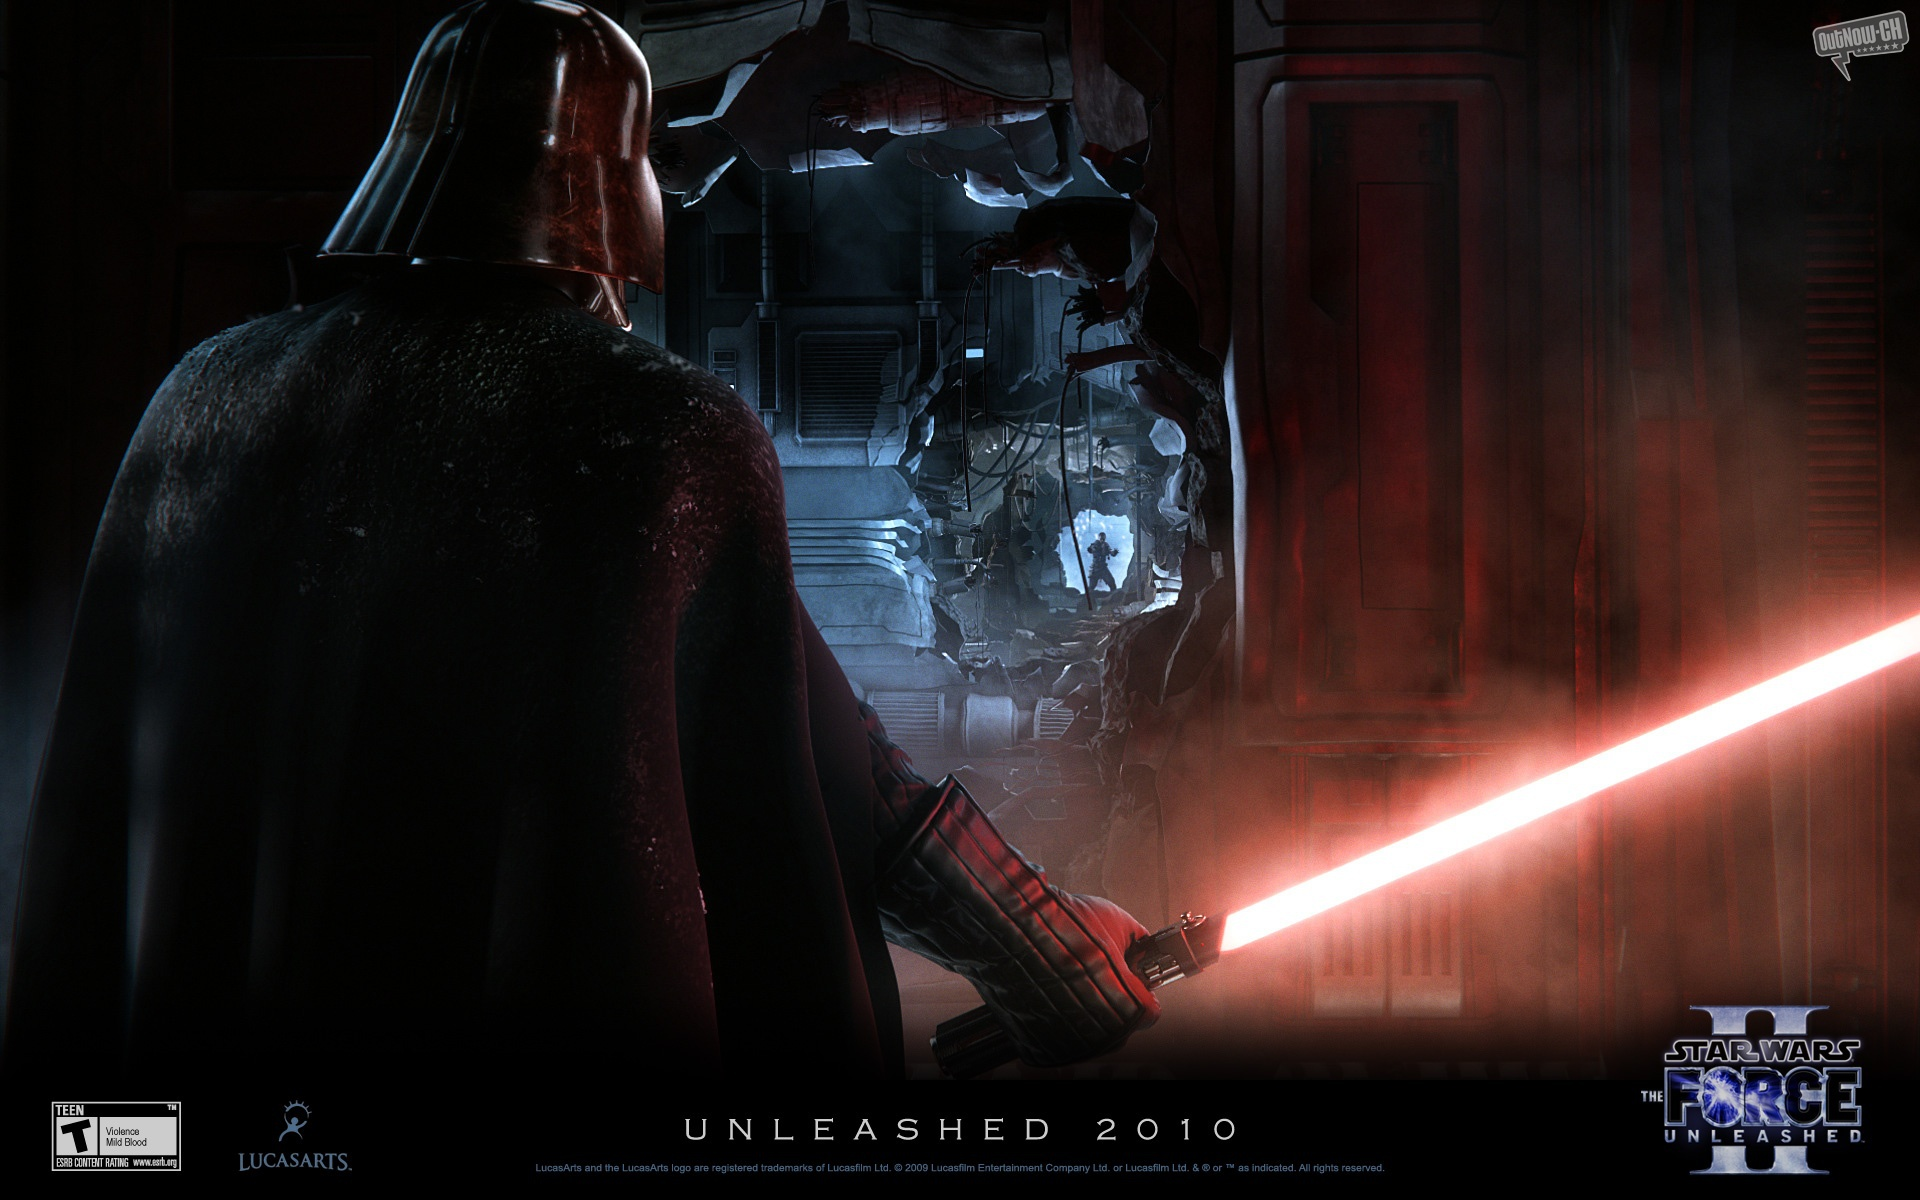 star wars the force unleashed ii wallaper 02 image - arek15arekde